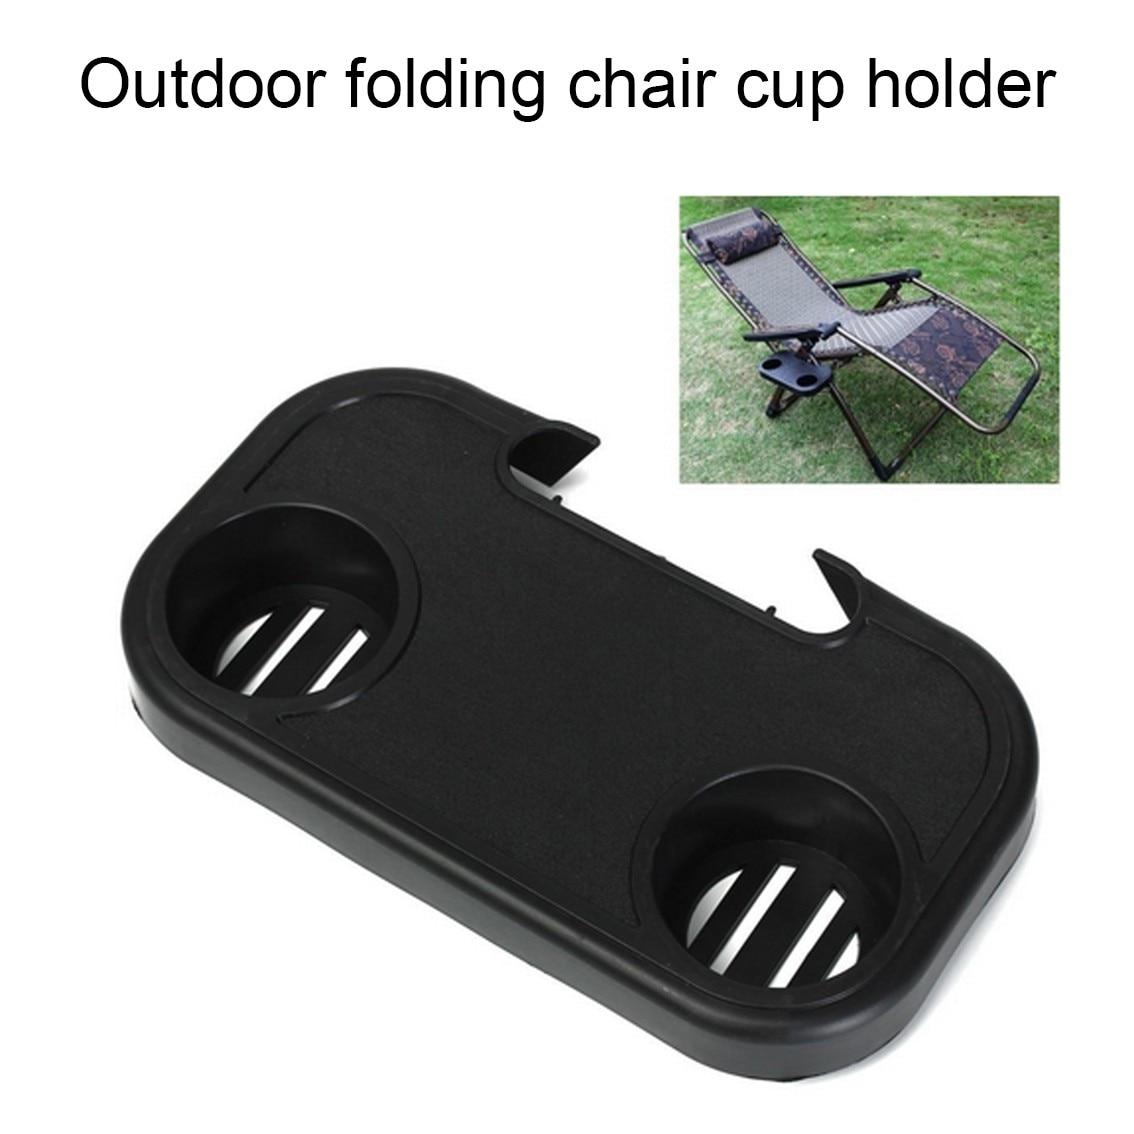 Soporte de tazas portátil plegable para Camping Picnic al aire libre soporte de botella de agua para silla de jardín de playa bandeja lateral para accesorios de bebida #30